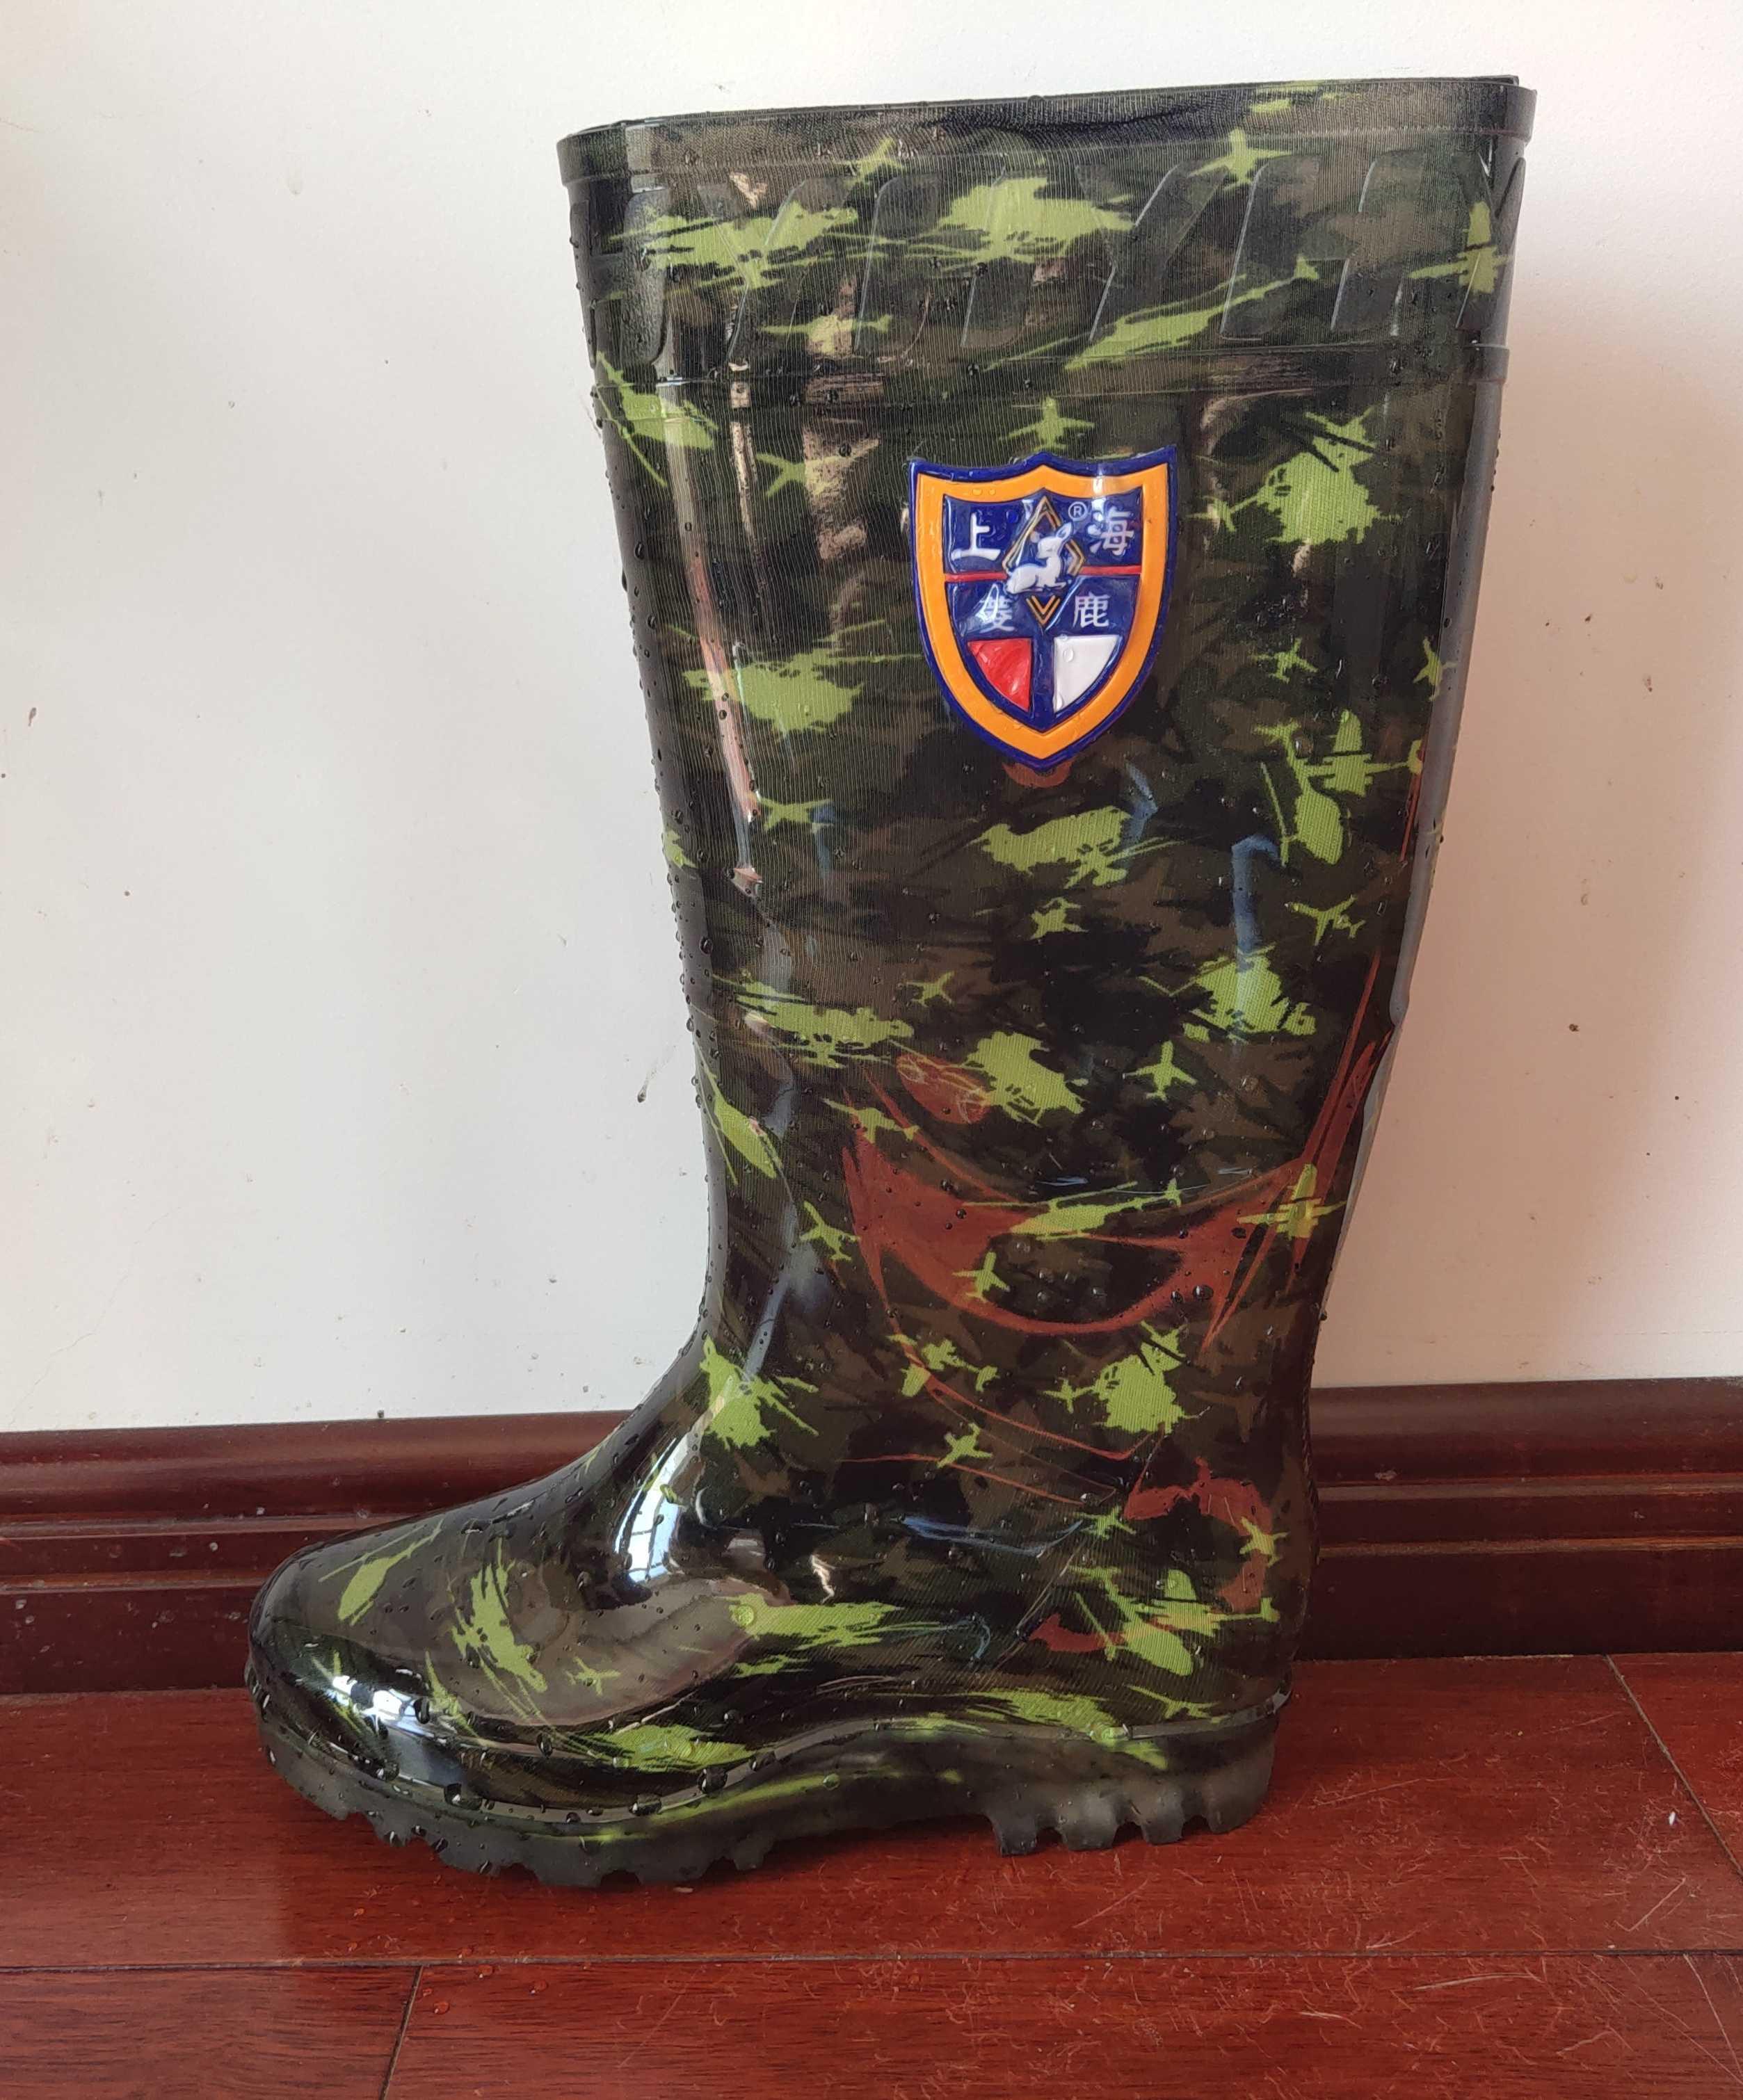 Giày ngụy trang nam ống cao ủng chống nước và chống trượt nhà bếp chống trượt cao - Rainshoes